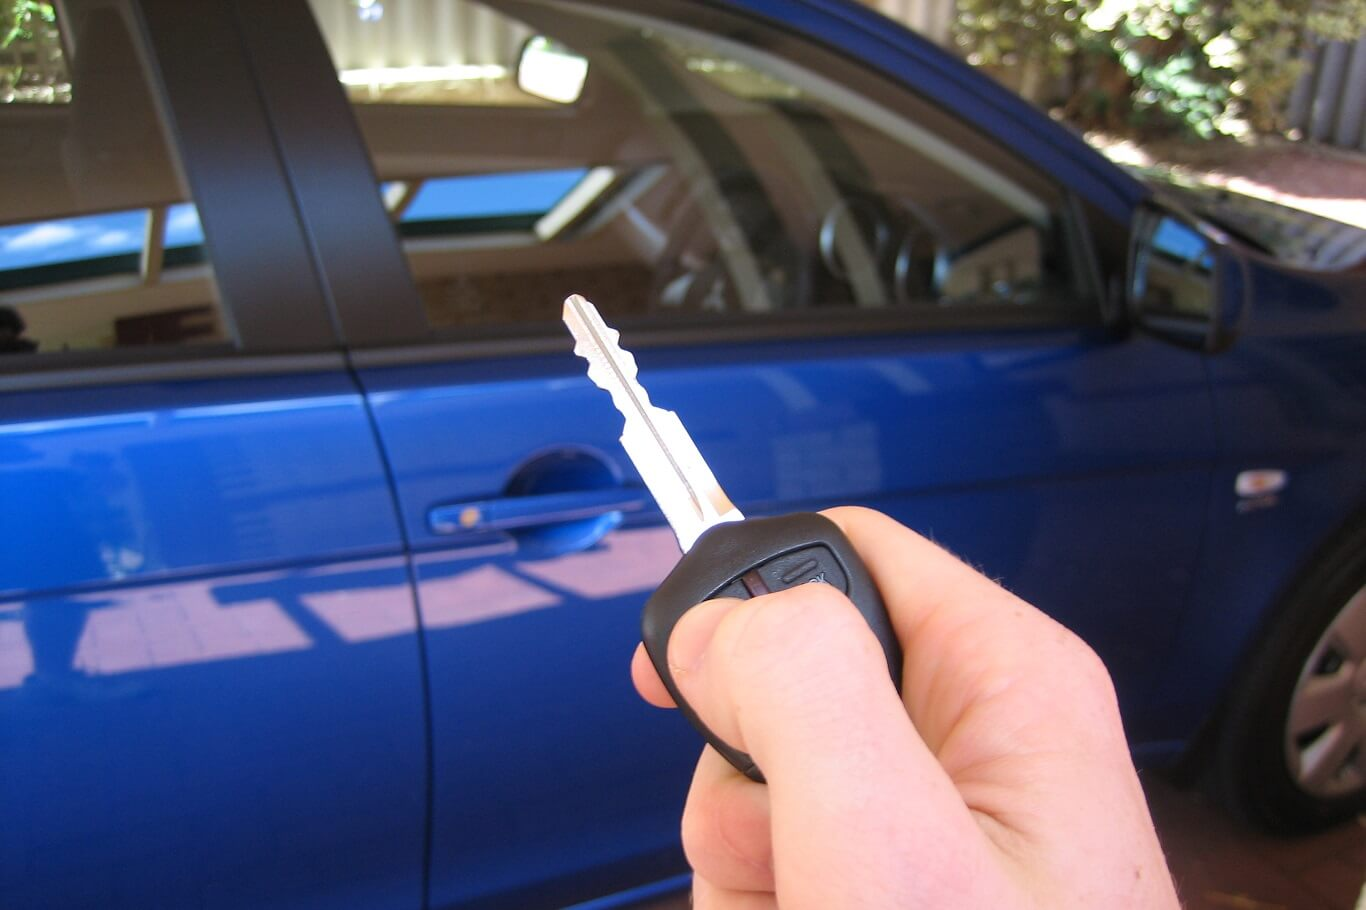 How to open a stuck car door.